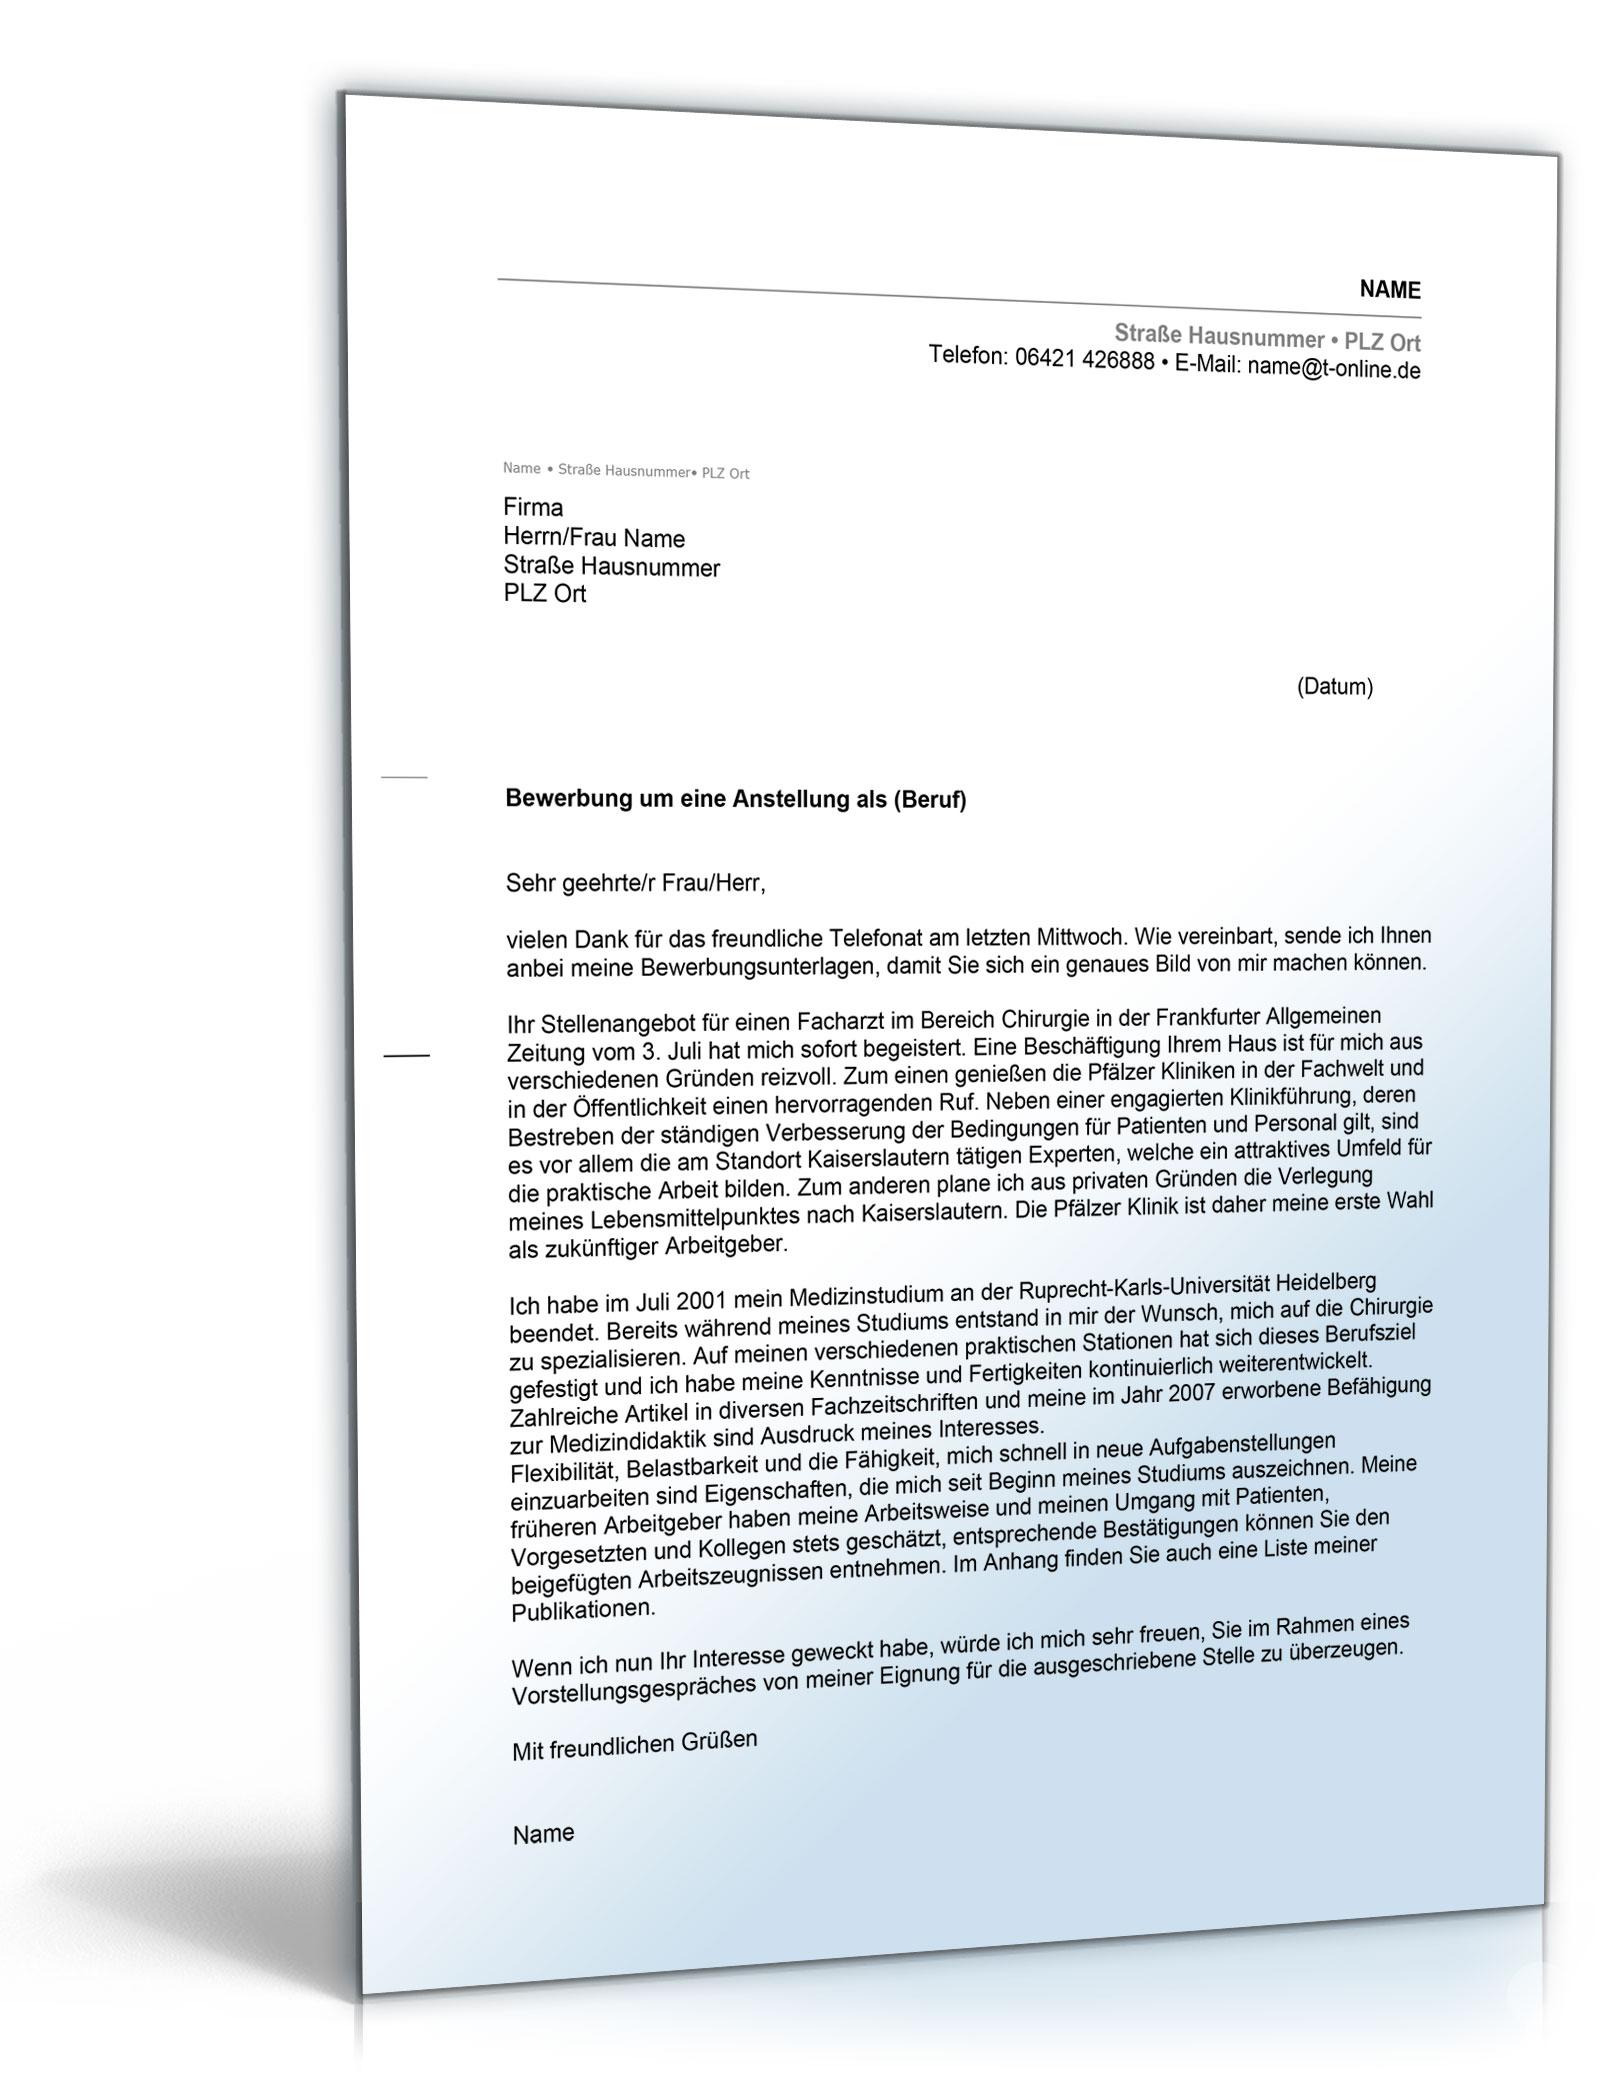 anschreiben bewerbung arzt word dokument download amazonde software - Anschreiben Fur Eine Bewerbung